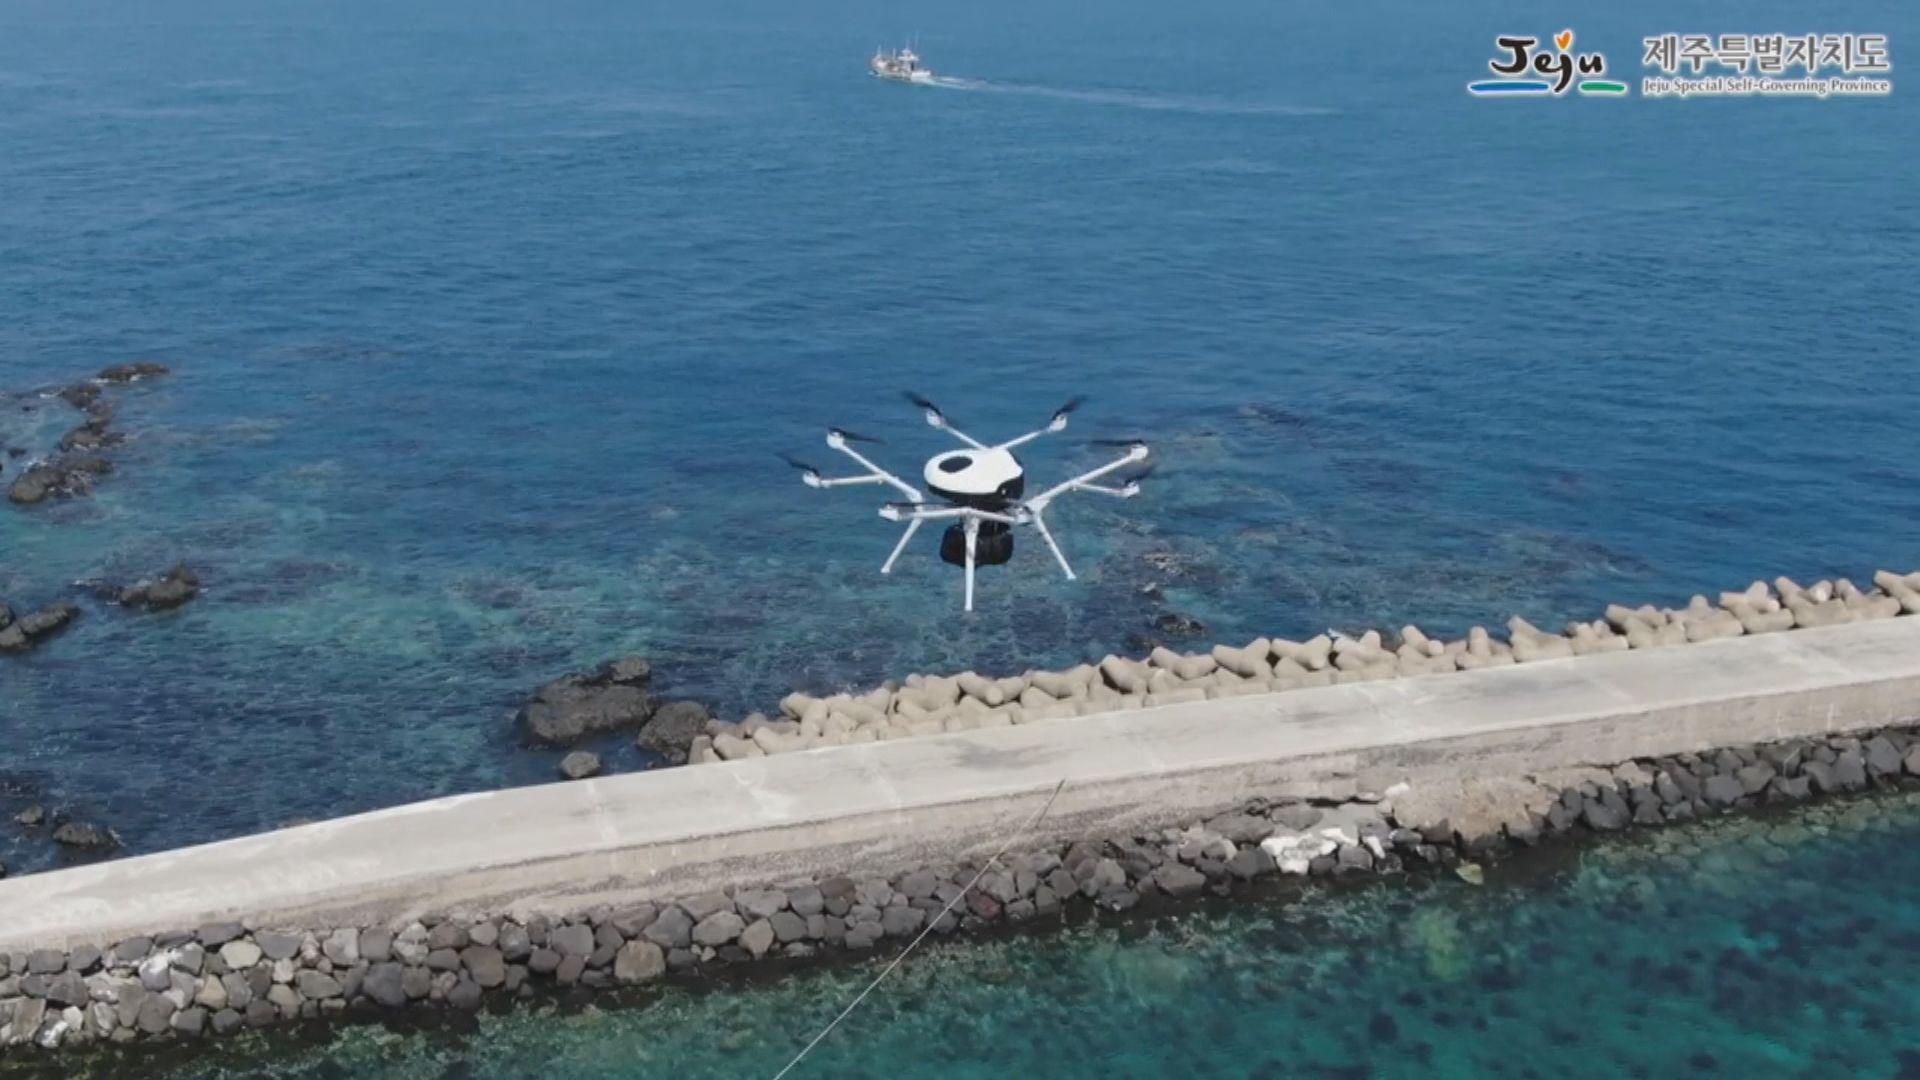 南韓利用無人機運送口罩到離島